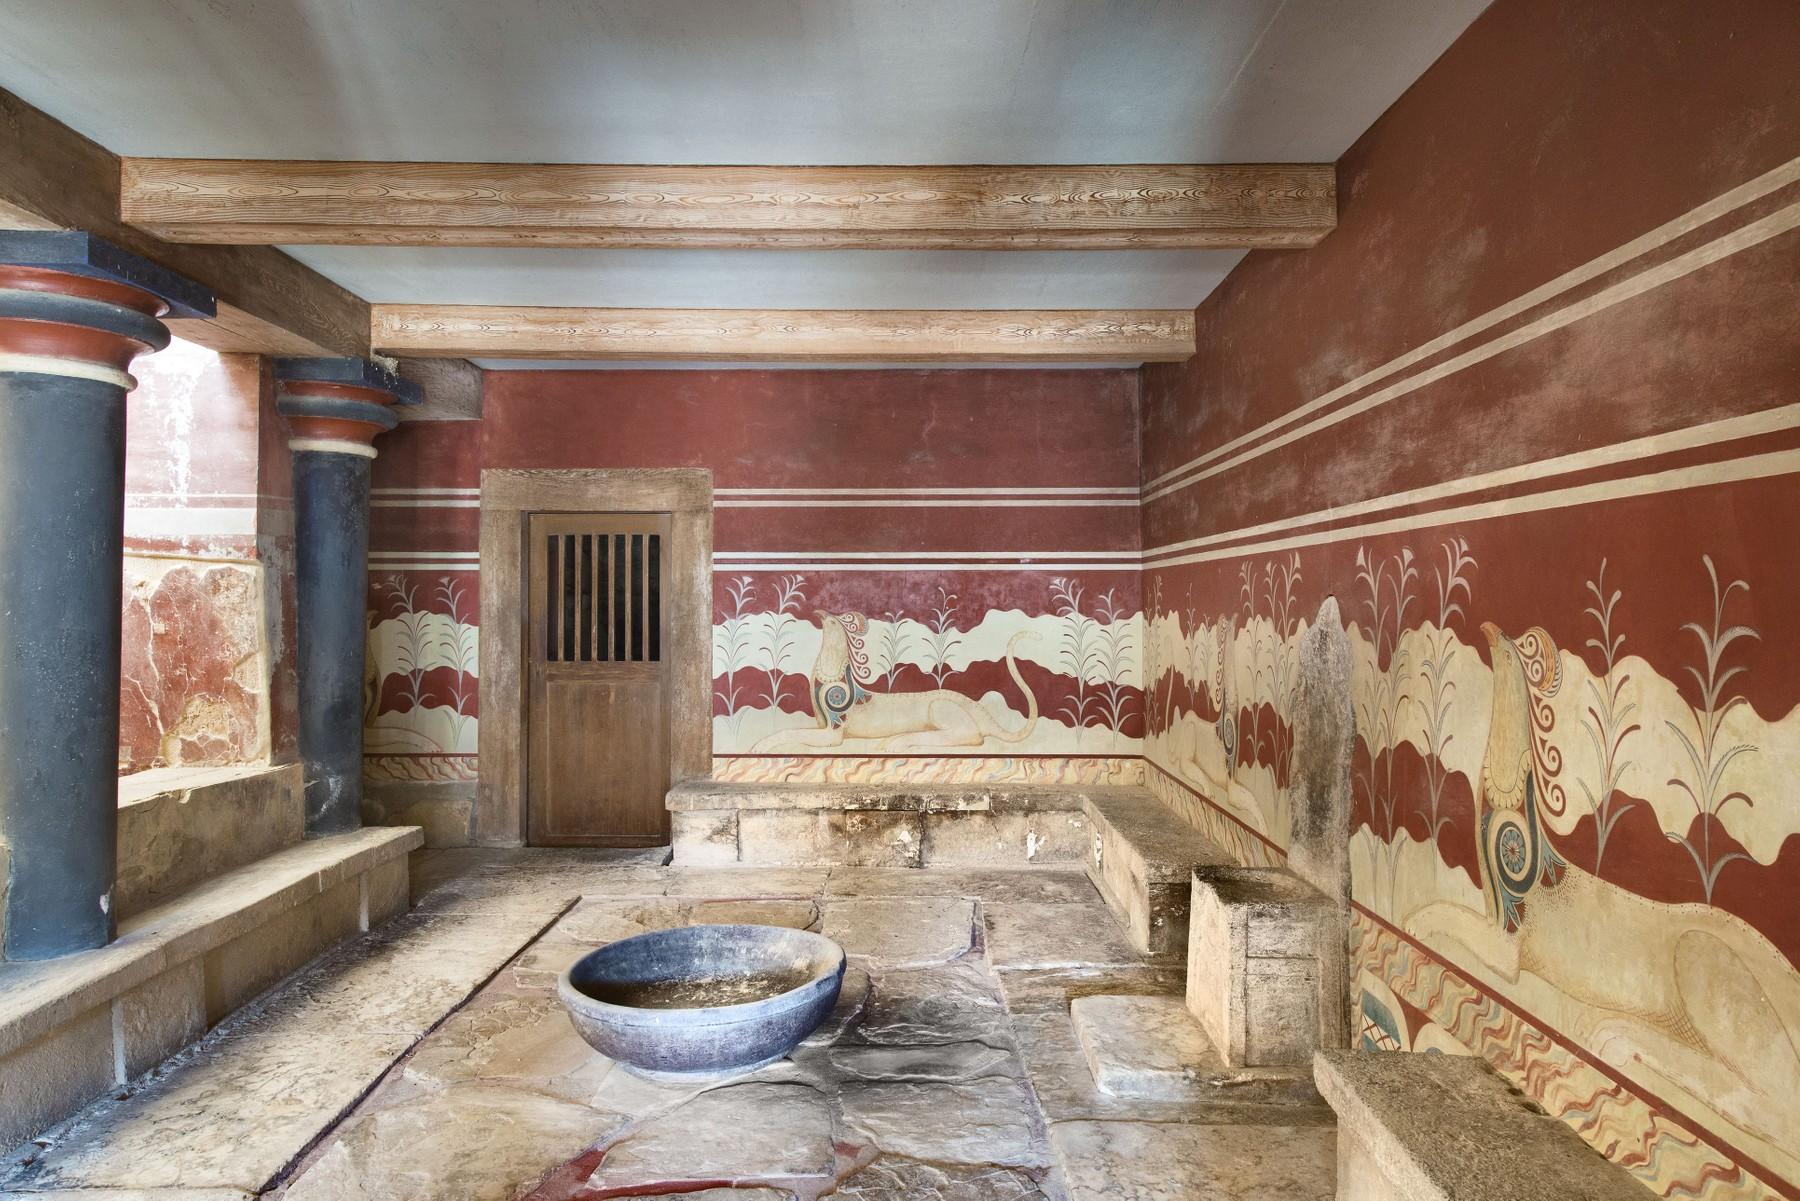 throne-room-palace-of-knossos-crete-greece-185757408-5763ee8b3df78c98dc2de899.jpg